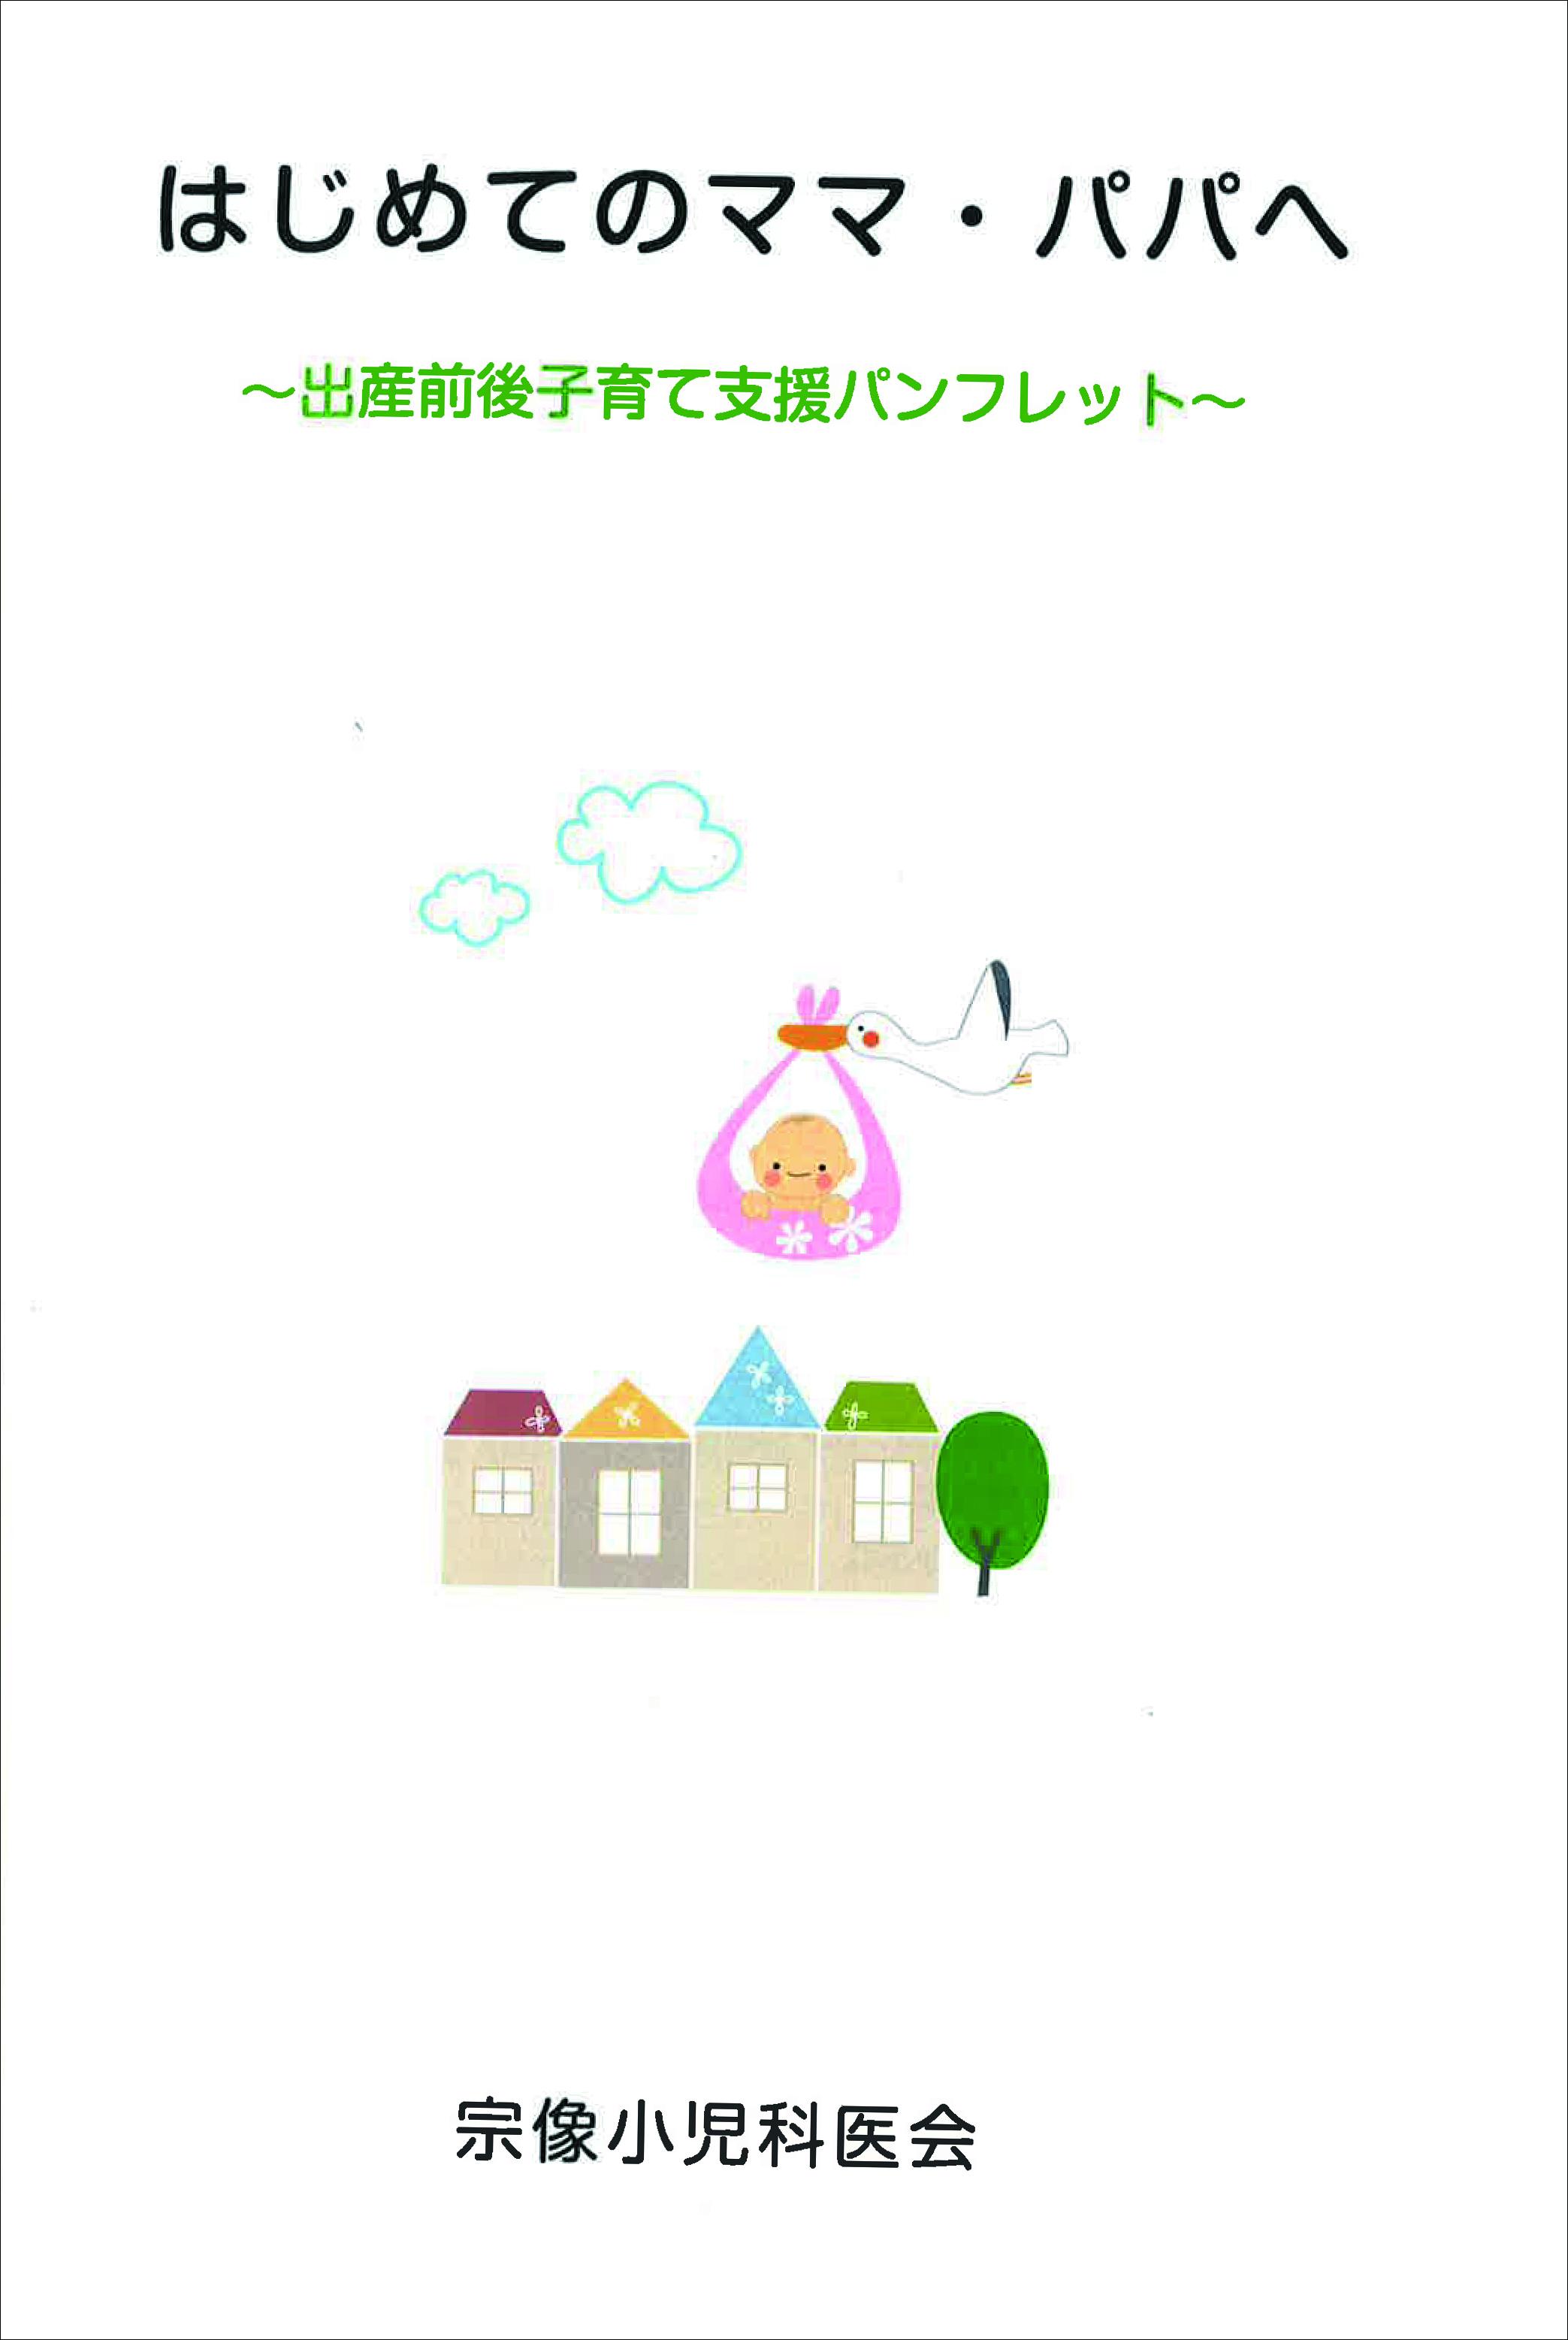 パンフ表紙.jpg